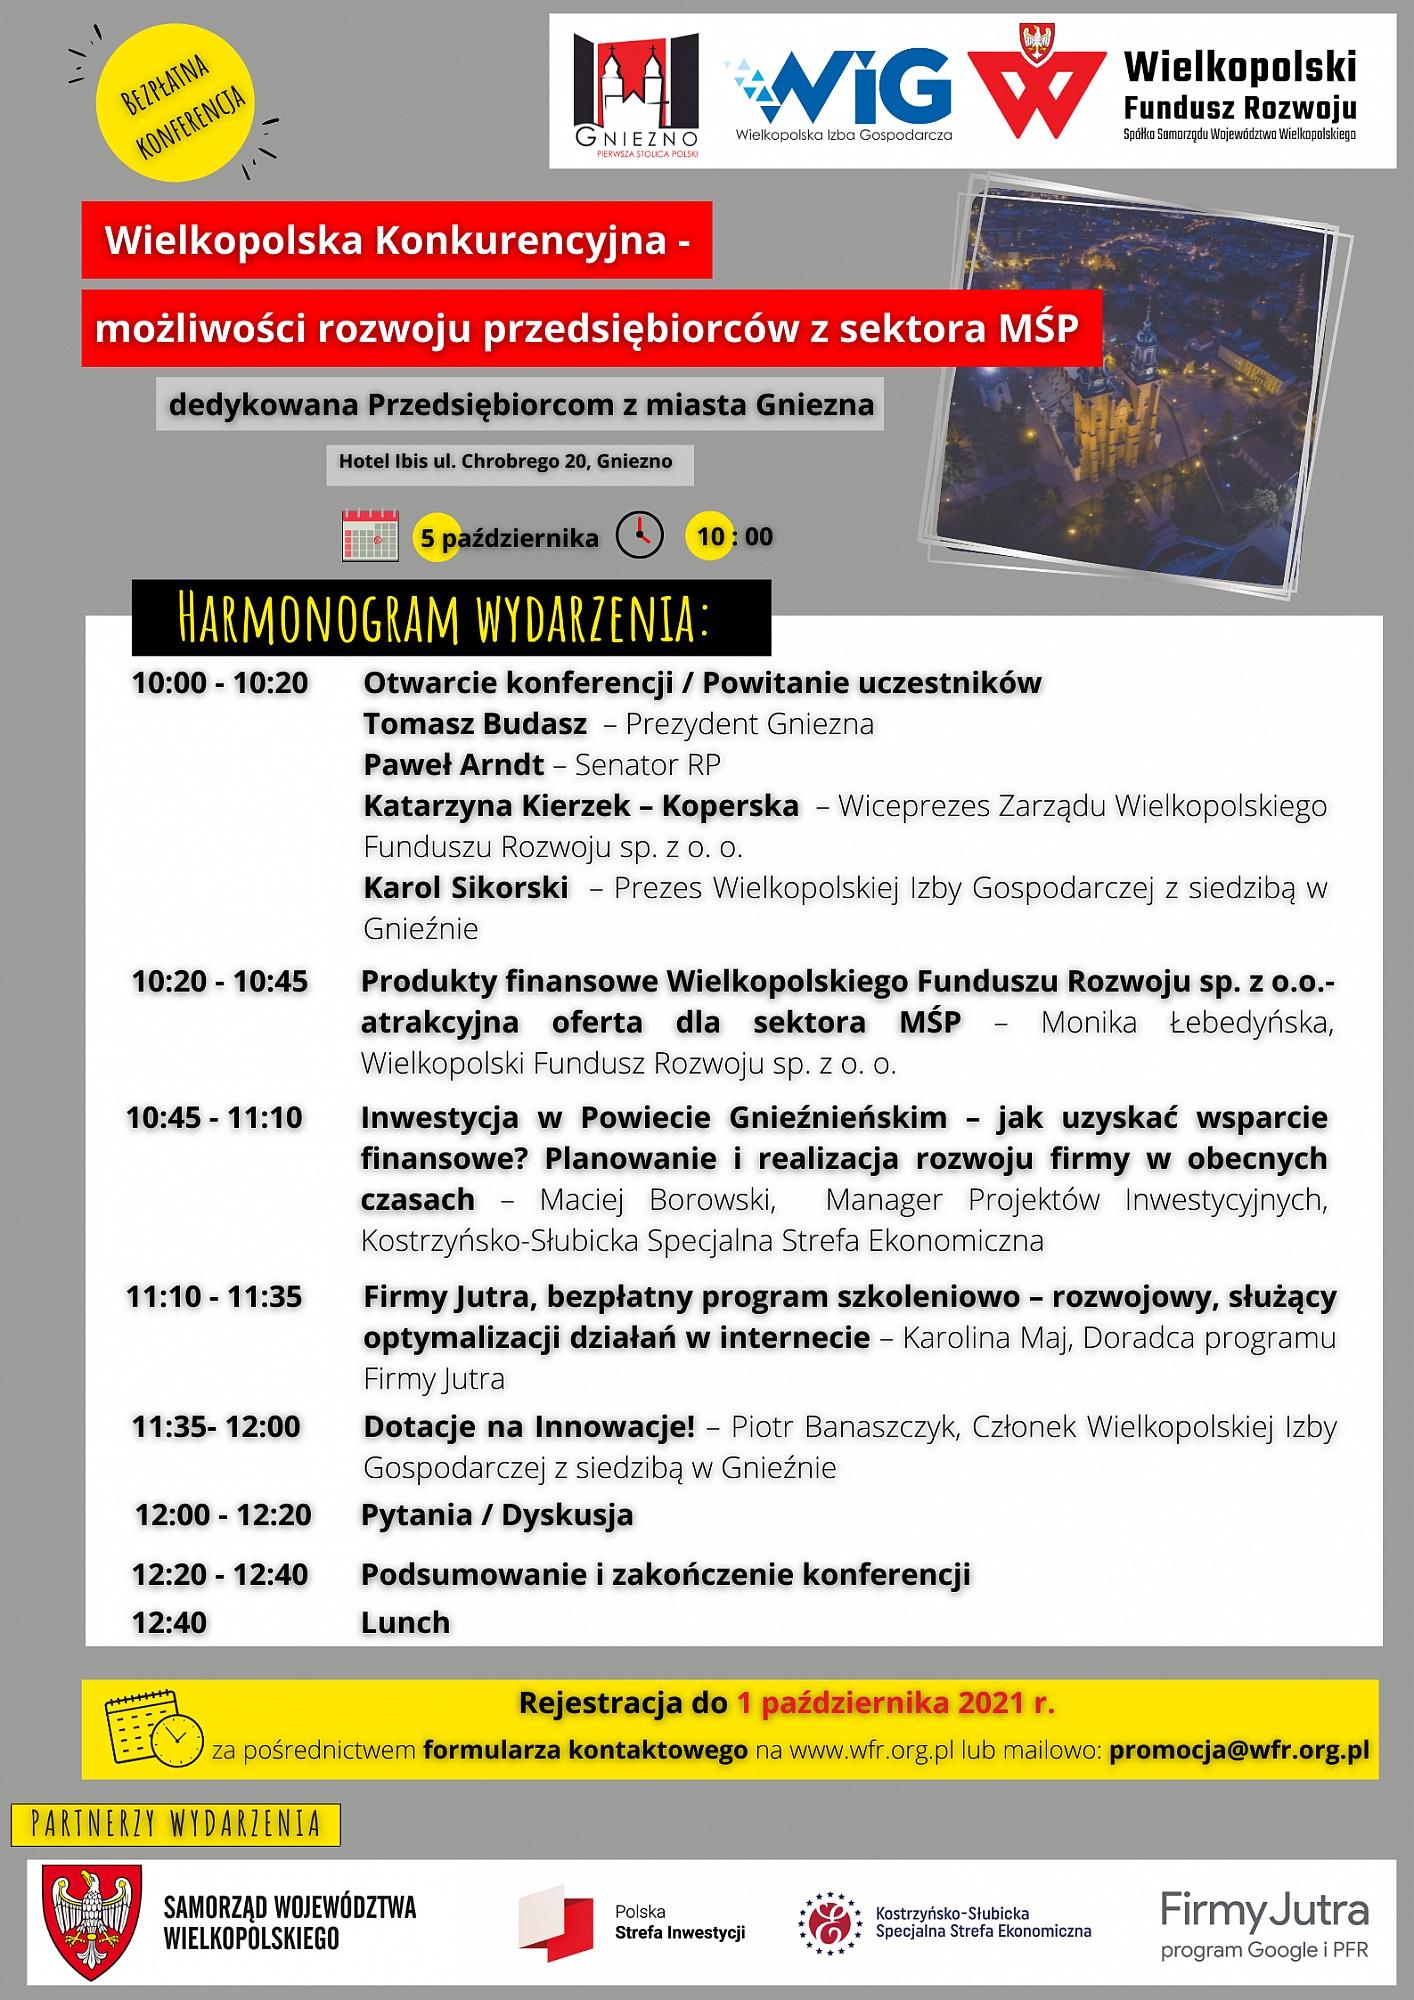 Wsparcie dla Wielkopolskich przedsiębiorców z sektora MŚP - zapisy na konferencję już trwają!